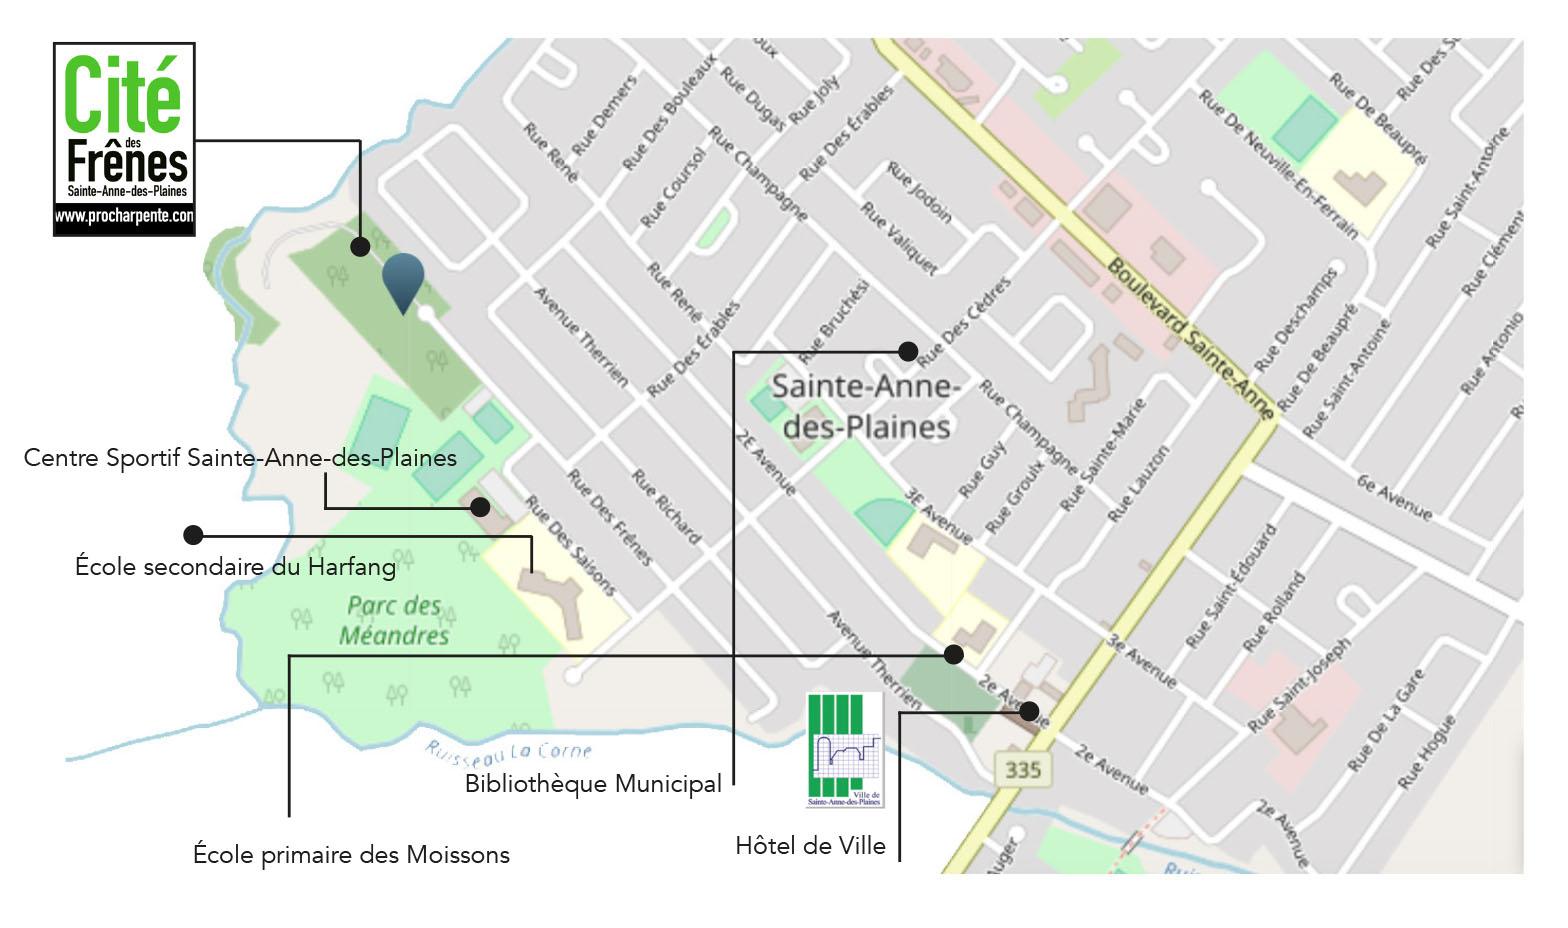 Cité des frene – Carte